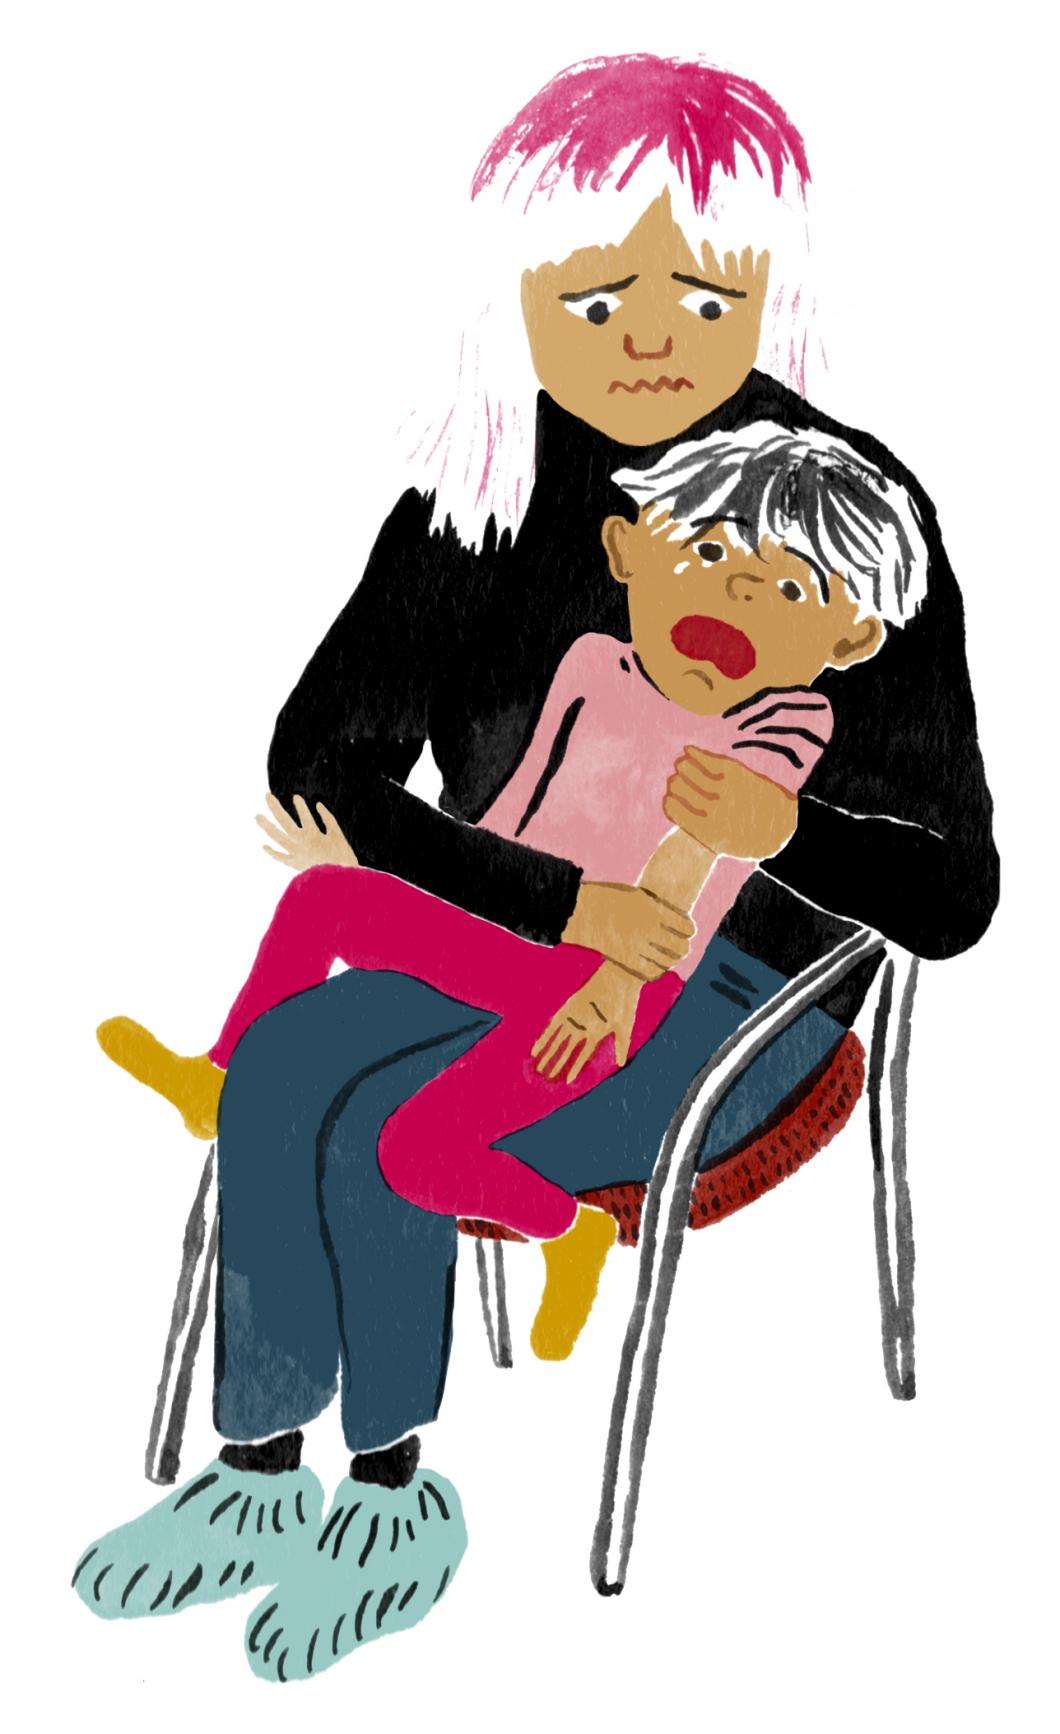 Sjuksköterskors tidsbrist hot mot barns bästa i vården